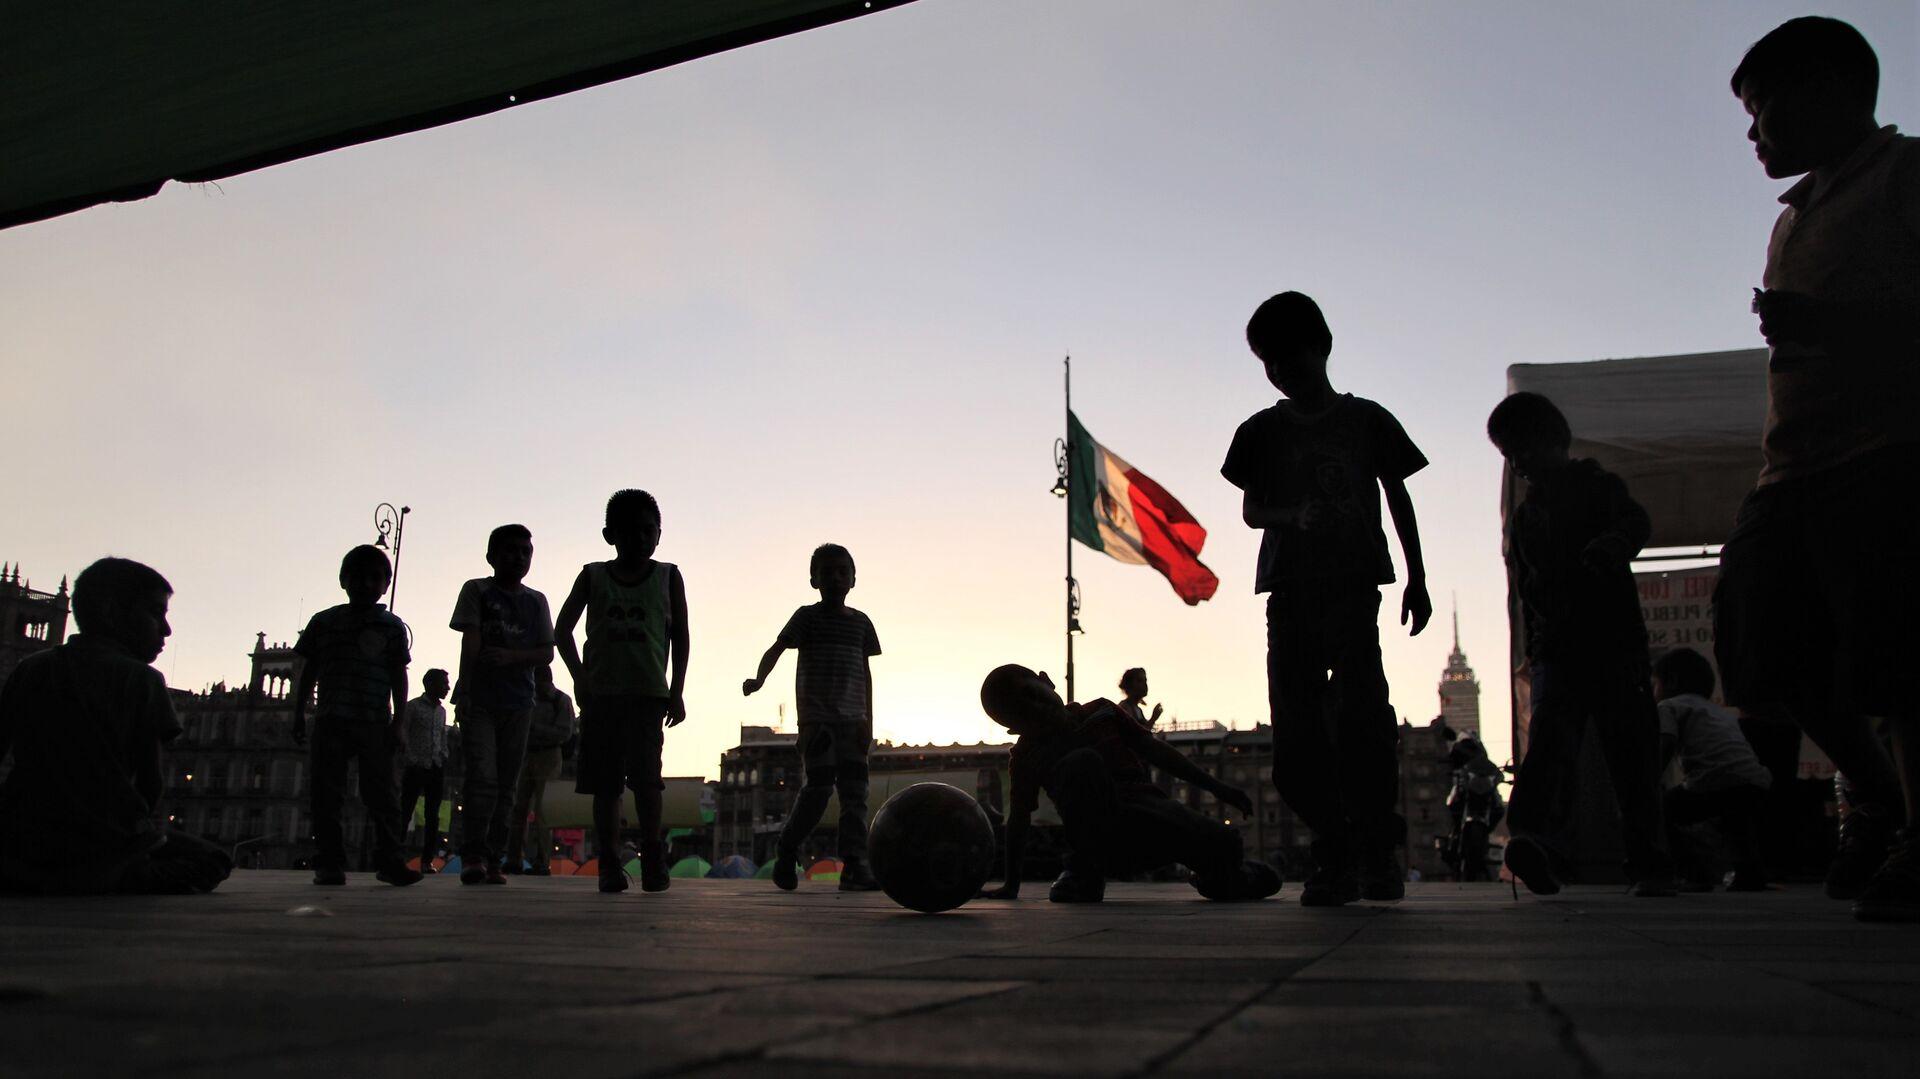 Ciudad de México. Niños desplazados por grupos paramilitares en el estado de Guerrero, permanecen en un plantón frente el Palacio Nacional. - Sputnik Mundo, 1920, 03.03.2021